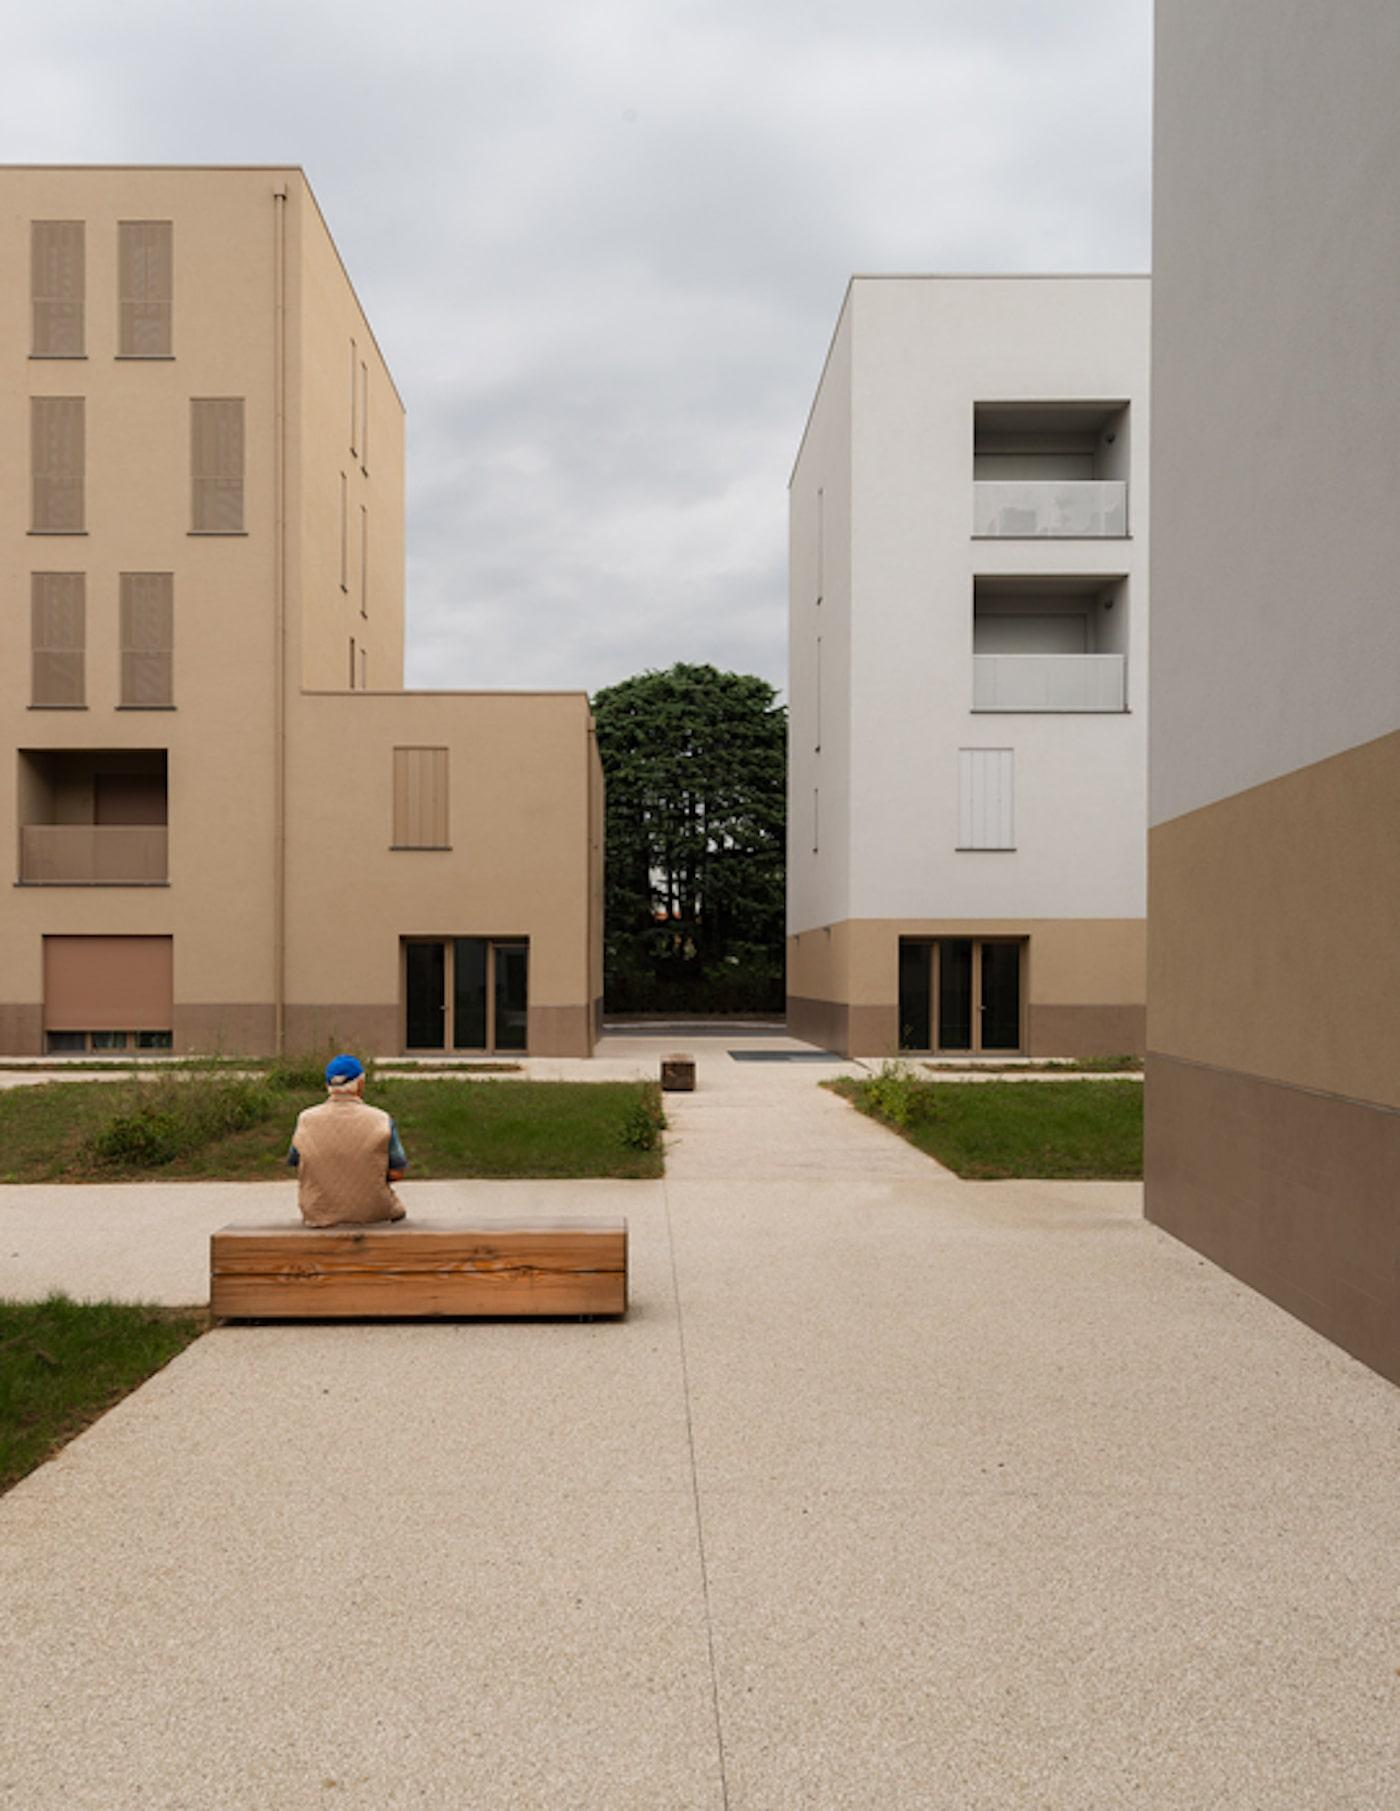 Figino apartment complex by LCA